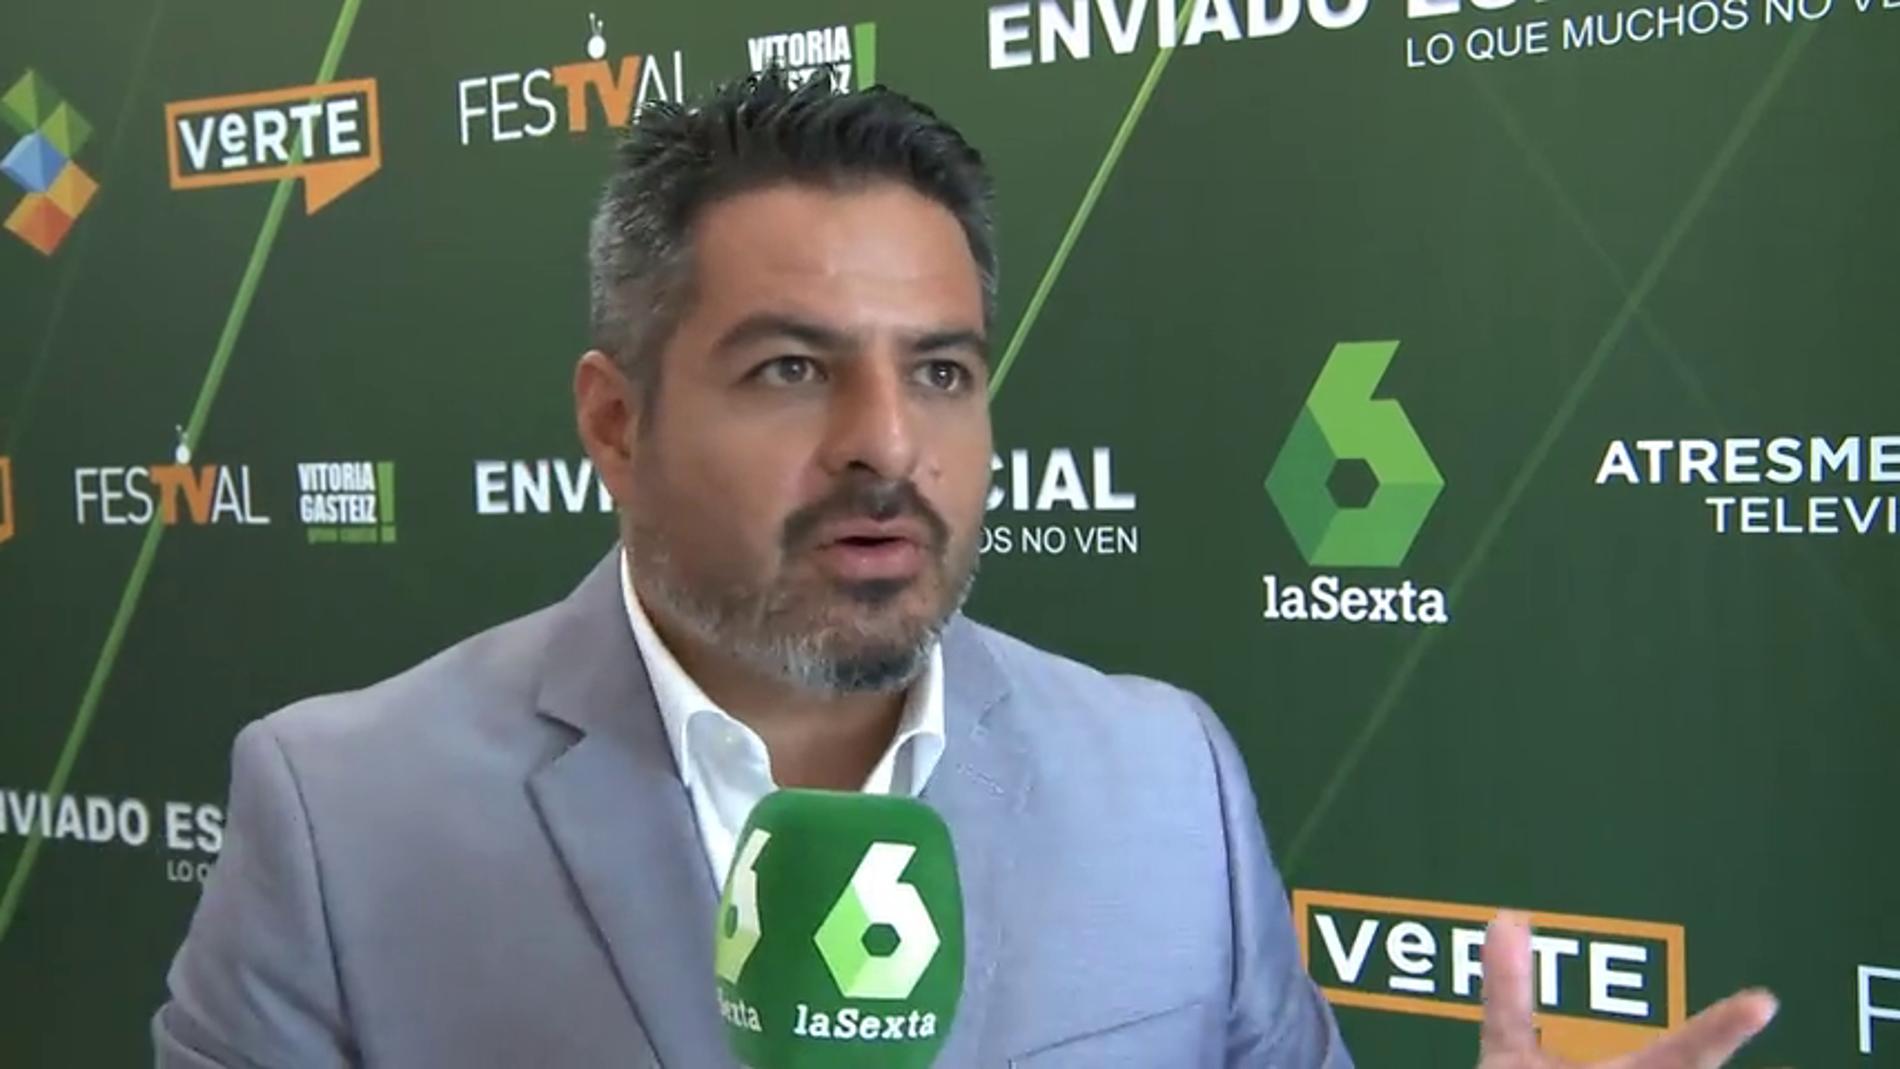 Frame 38.536653 de: Presentación de Enviado especial en el FesTVal de Vitoria